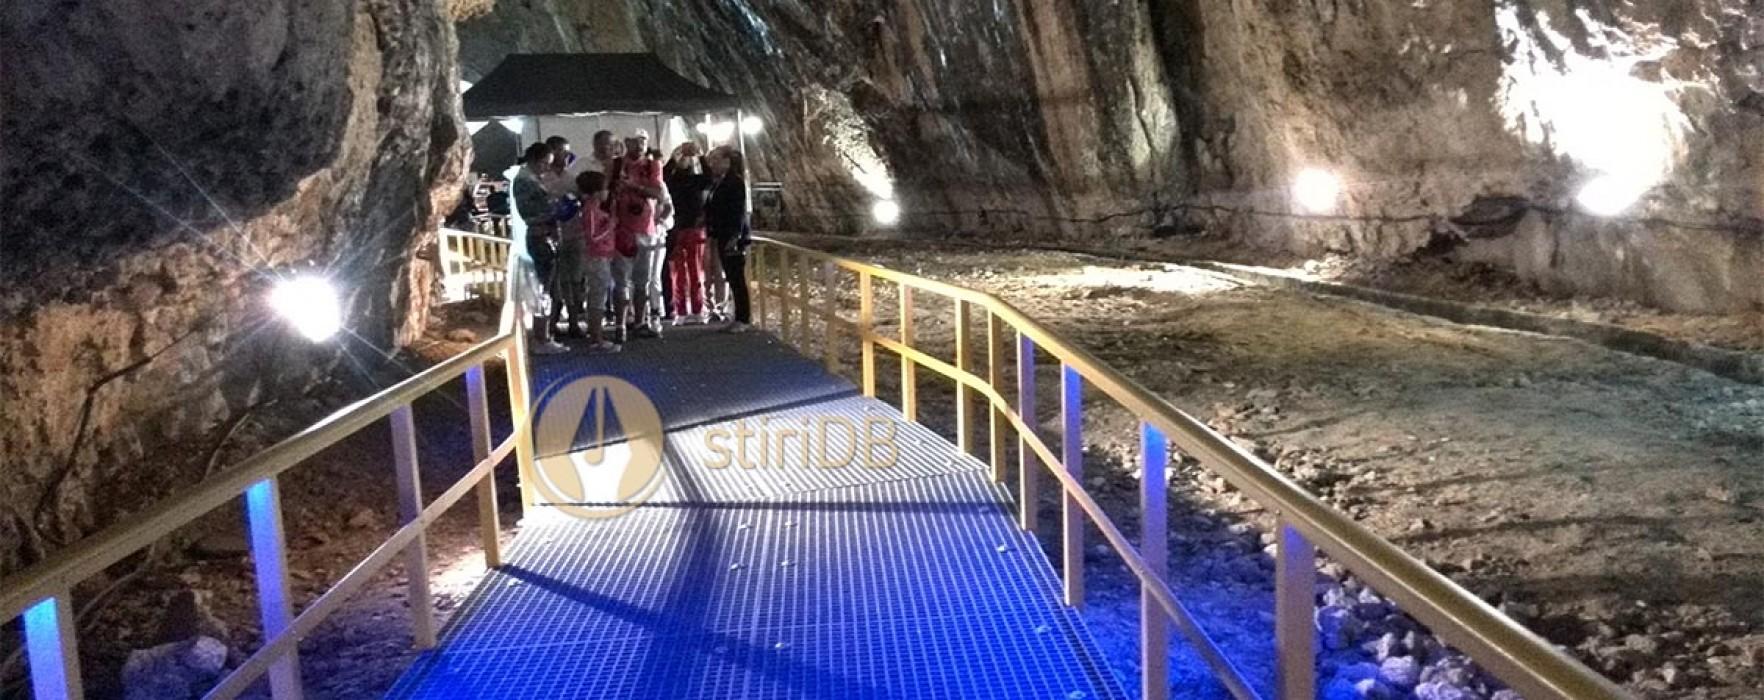 85.000 de turiști la Peştera Ialomiţei, după lucrările de reabilitare finalizate în iulie